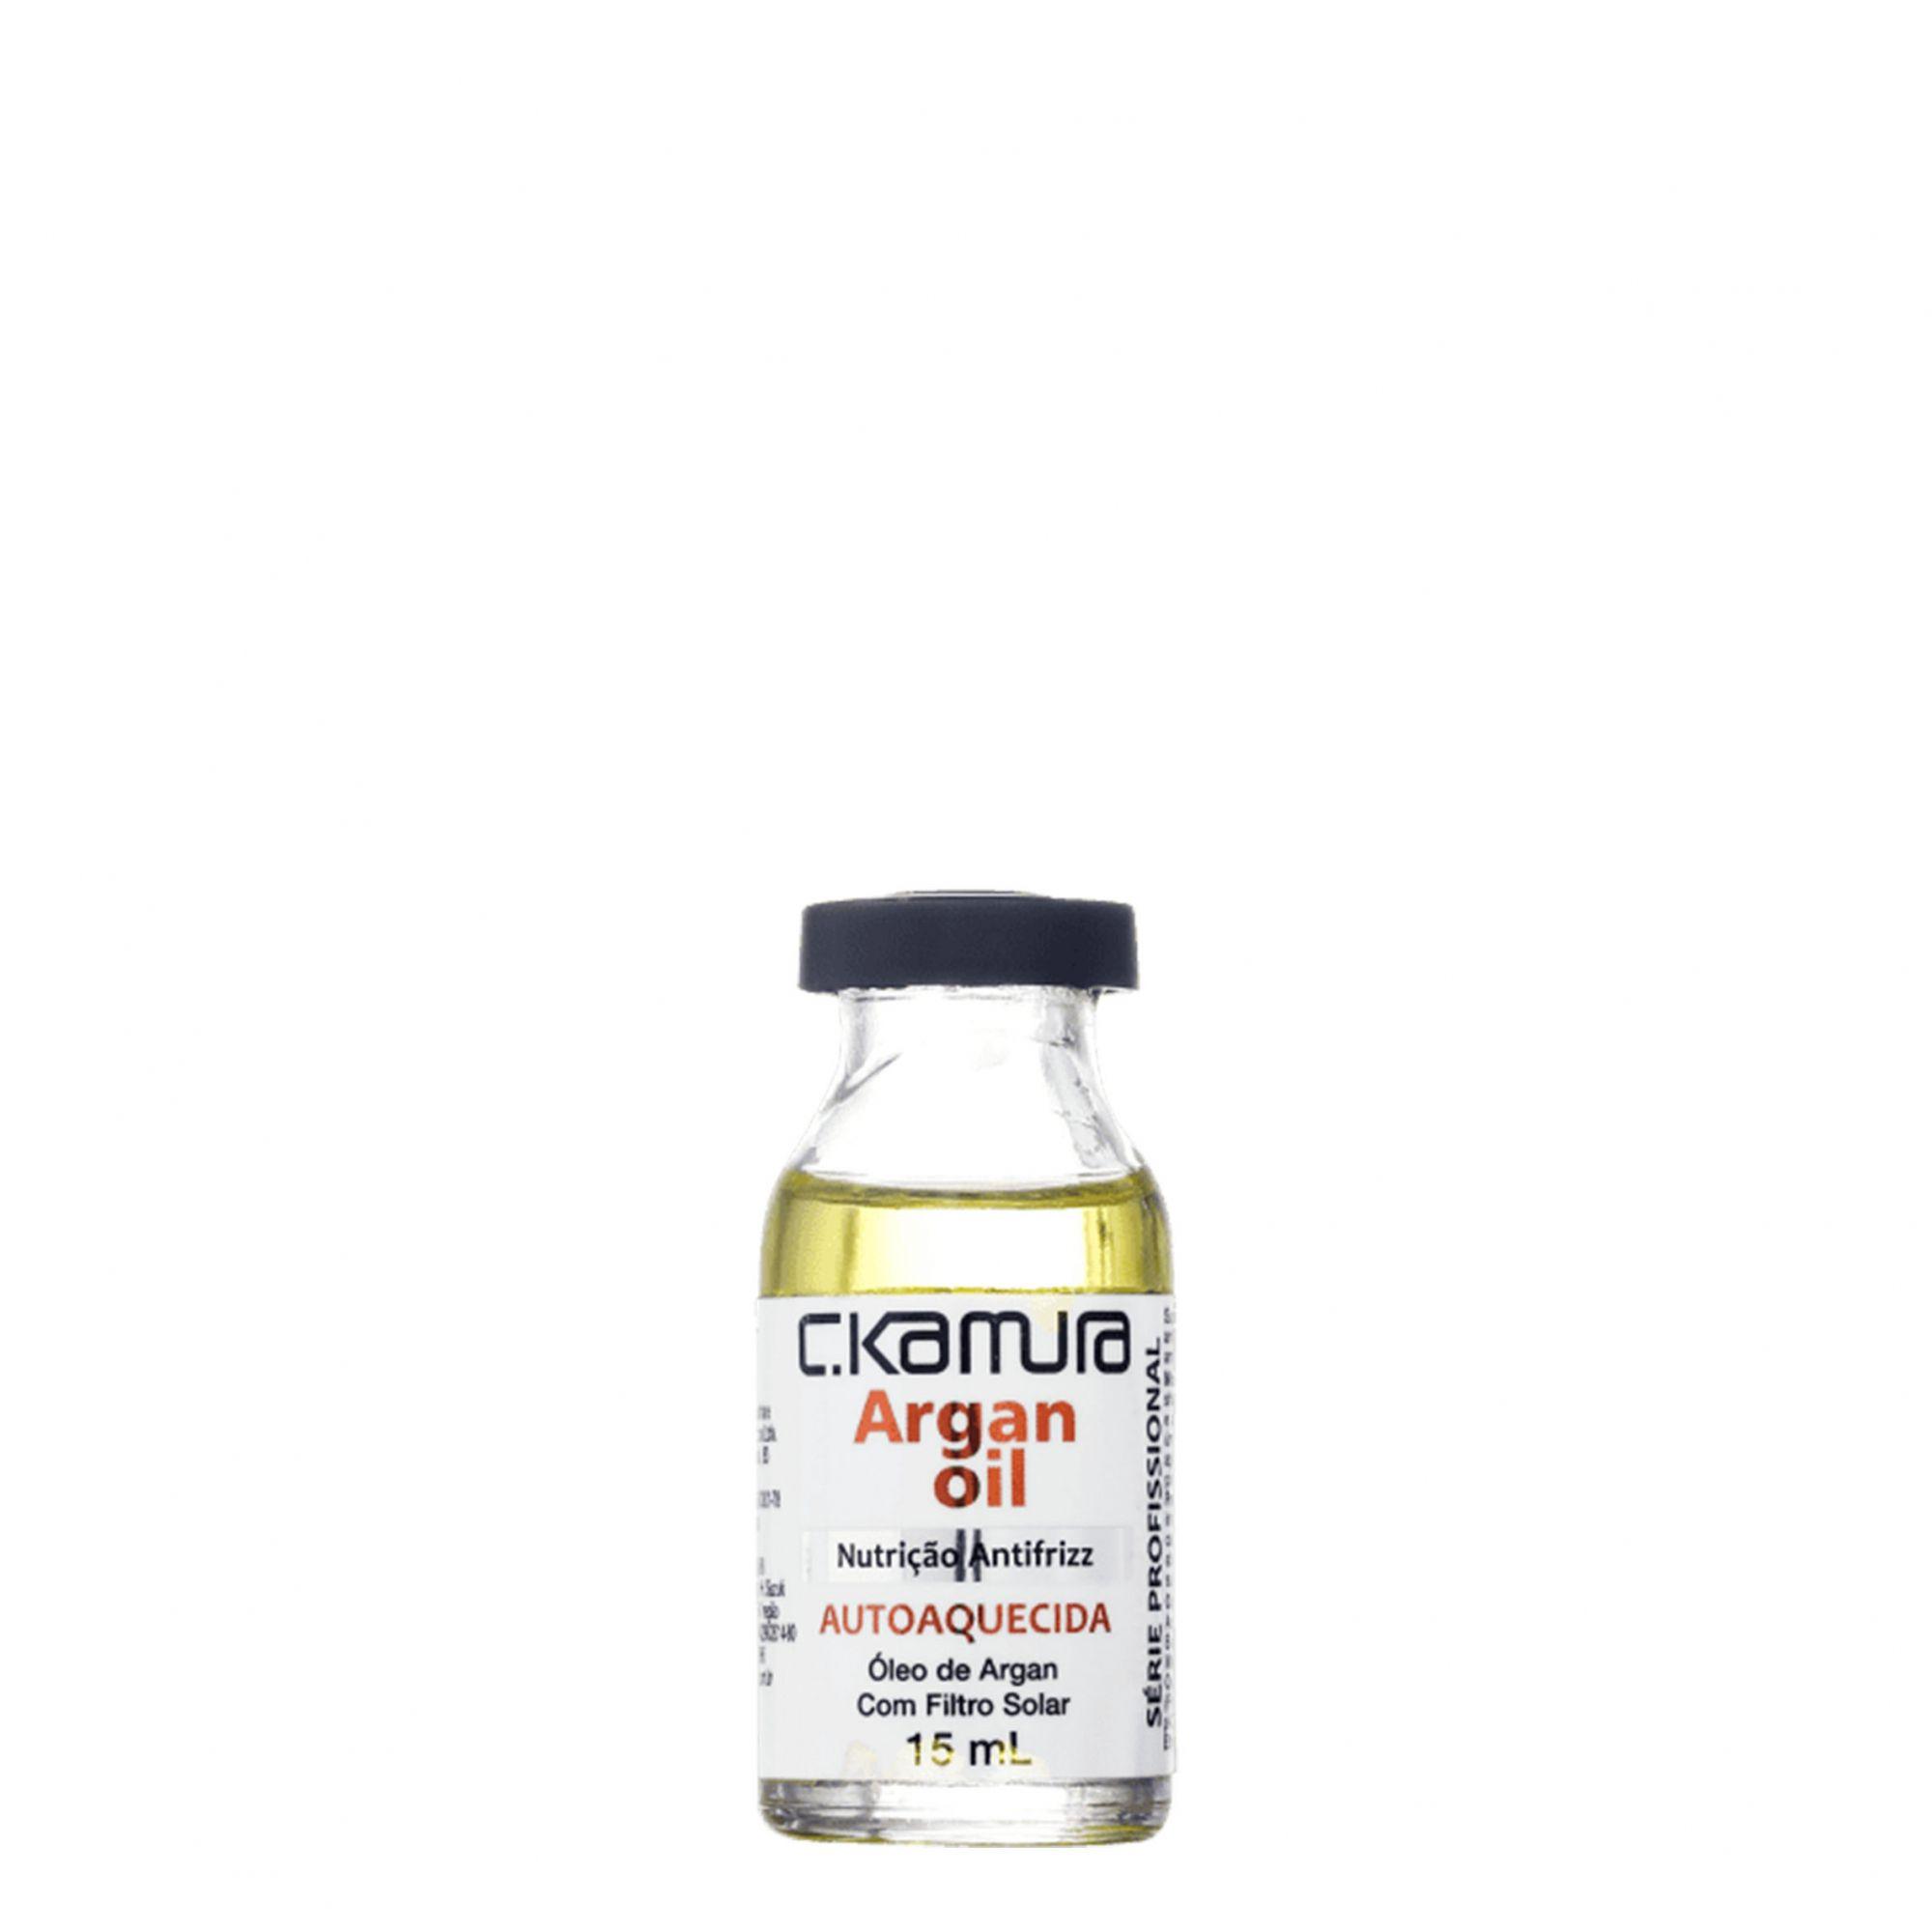 C.Kamura Argan Oil Nutrição Antifrizz Ampola de Tratamento 15ml.